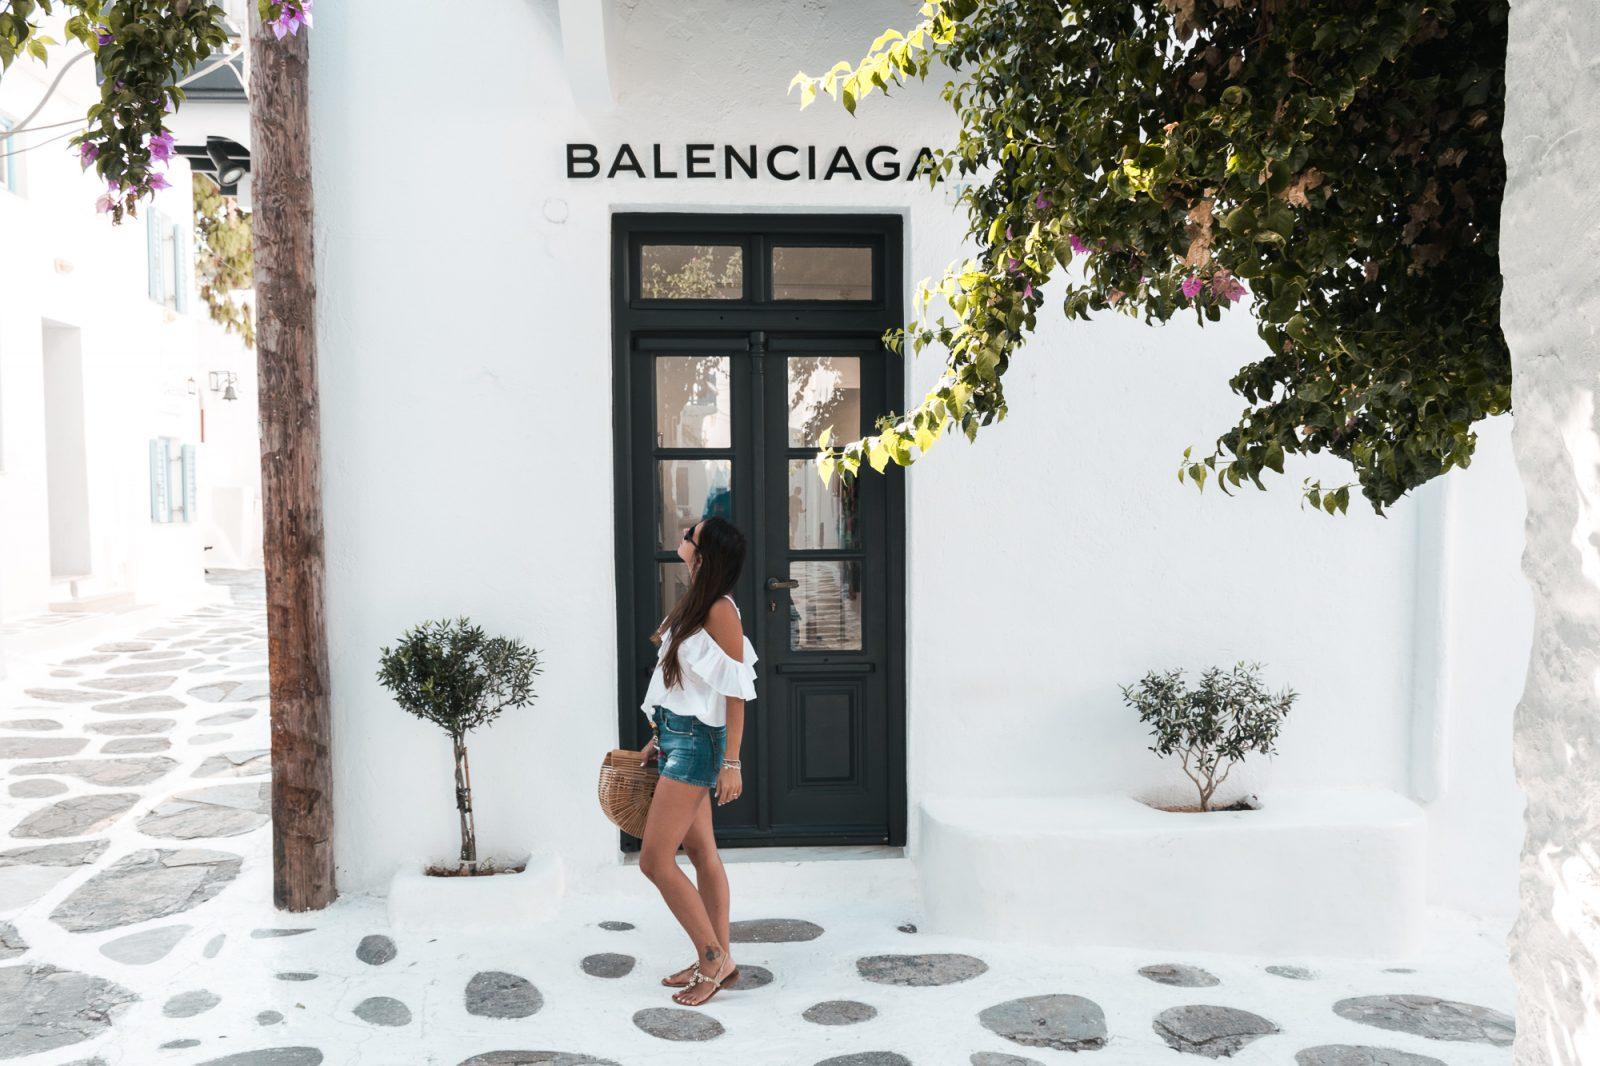 Balenciaga Mykonos